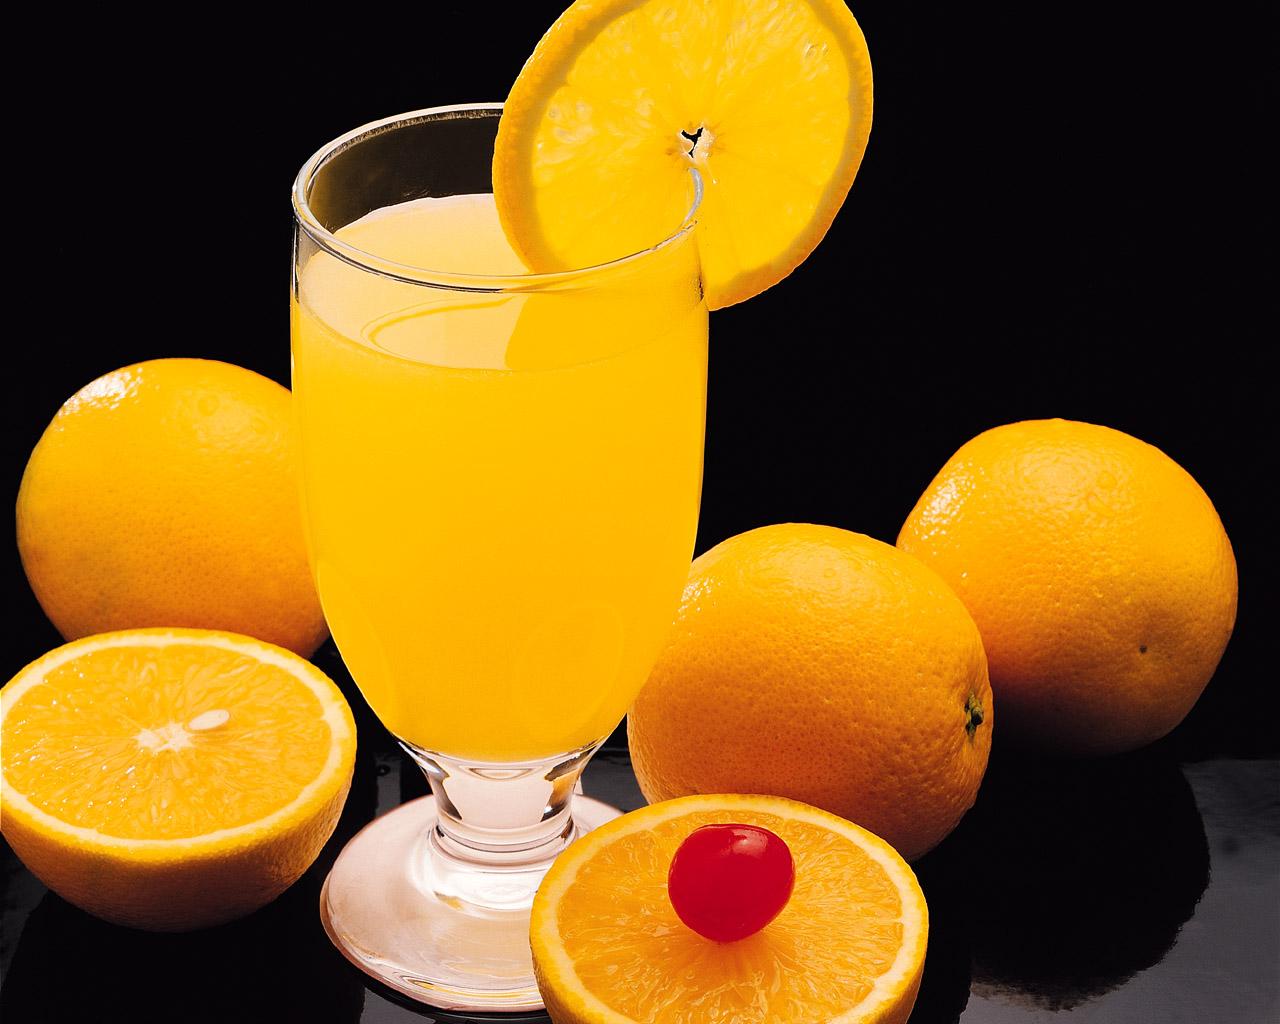 апельсины и апельсиновый сок, фото, обои для рабочего стола